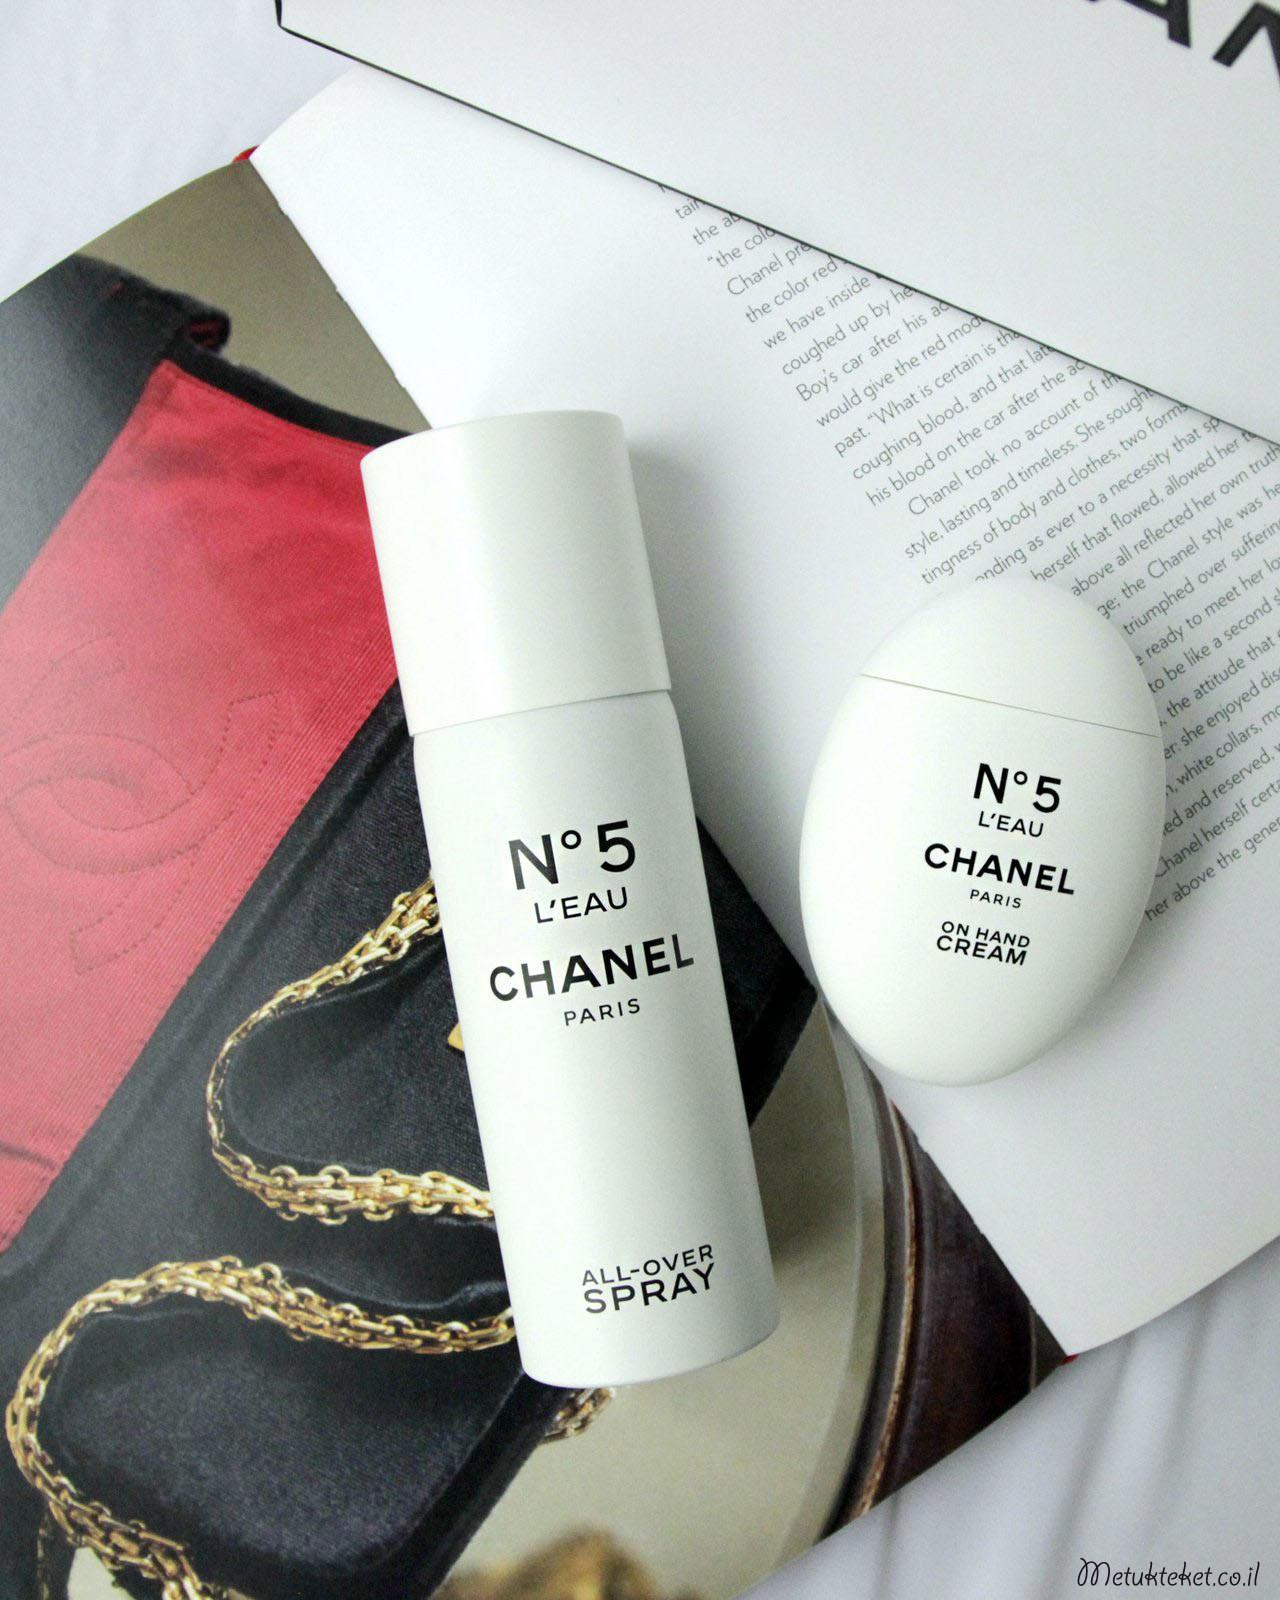 שאנל, בושם, שאנל 5, קוקו שאנל, ביקורת, בשמים, מתוקתקת, בישום, קניות, Chanel, Chanel 5, מוצרי גוף חדשים לקולקציית שאנל 5 ל'או